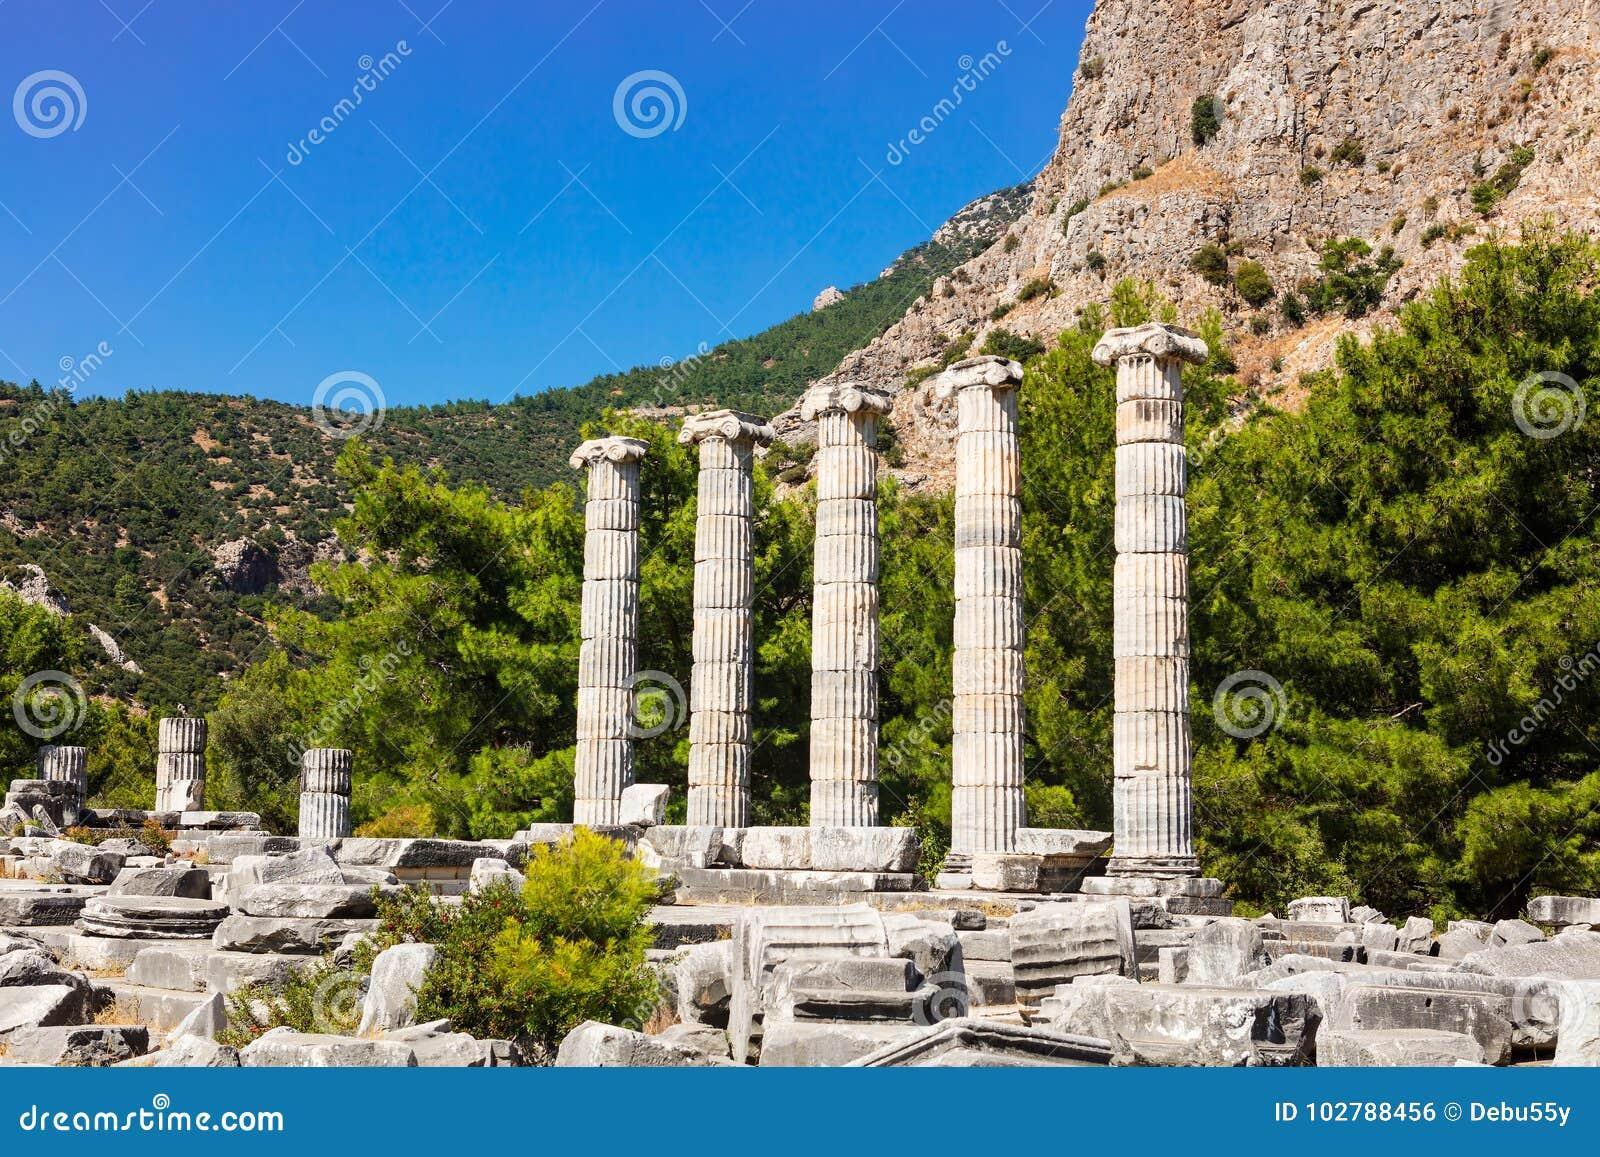 Athena Temple dans Priene, Turquie